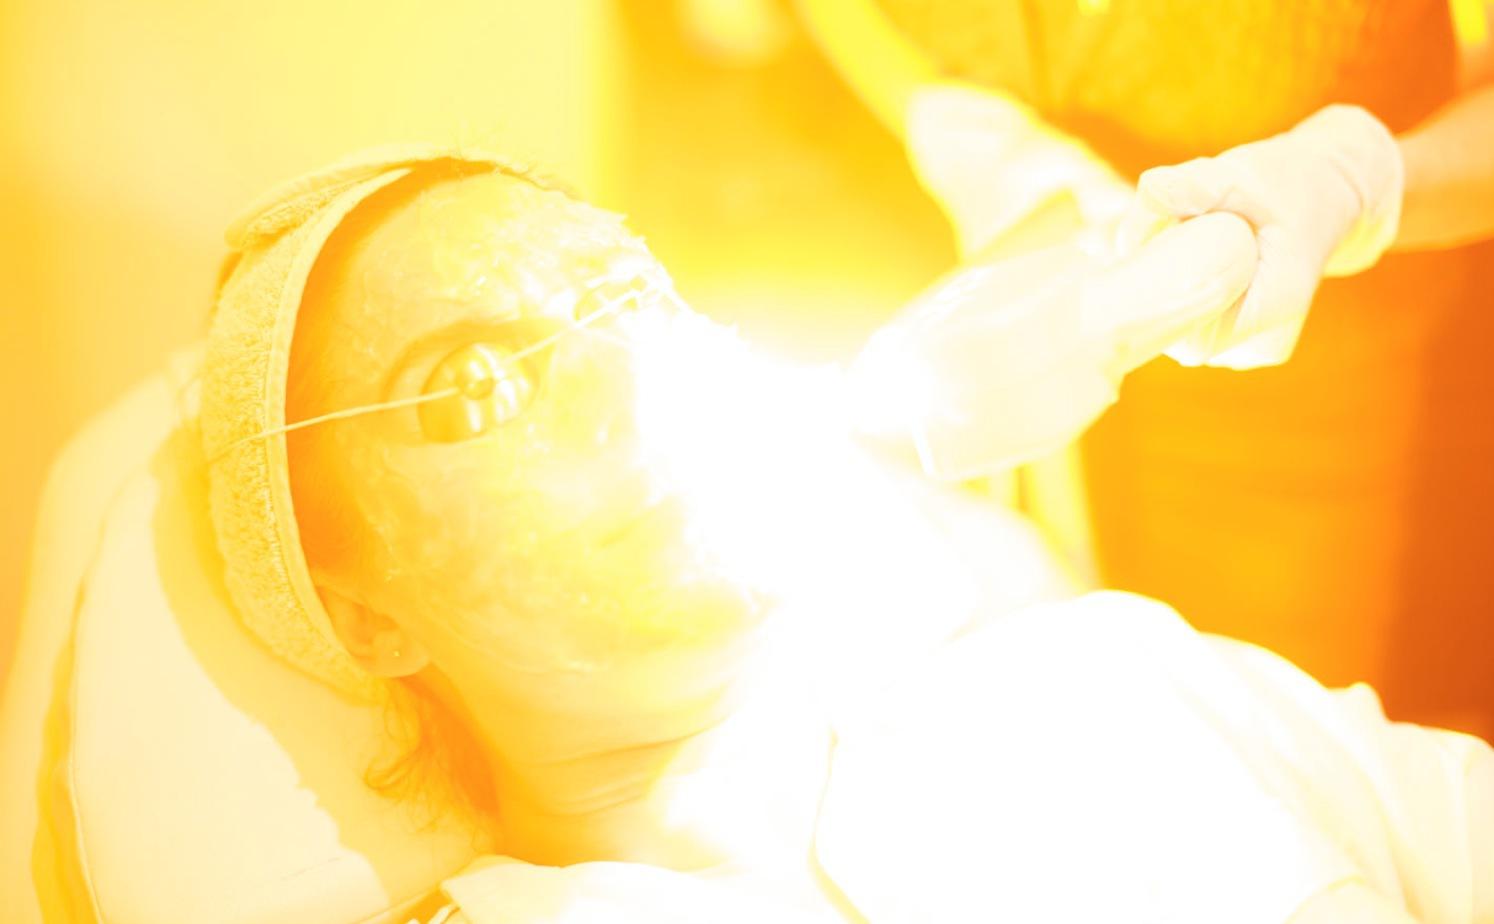 Intensivt pulserande ljus tar i de flesta fall bort solfläckar, men inte forever. Du måste hålla efter huden och skydda den fortsättningsvis om fläckarna inte ska komma tillbaka